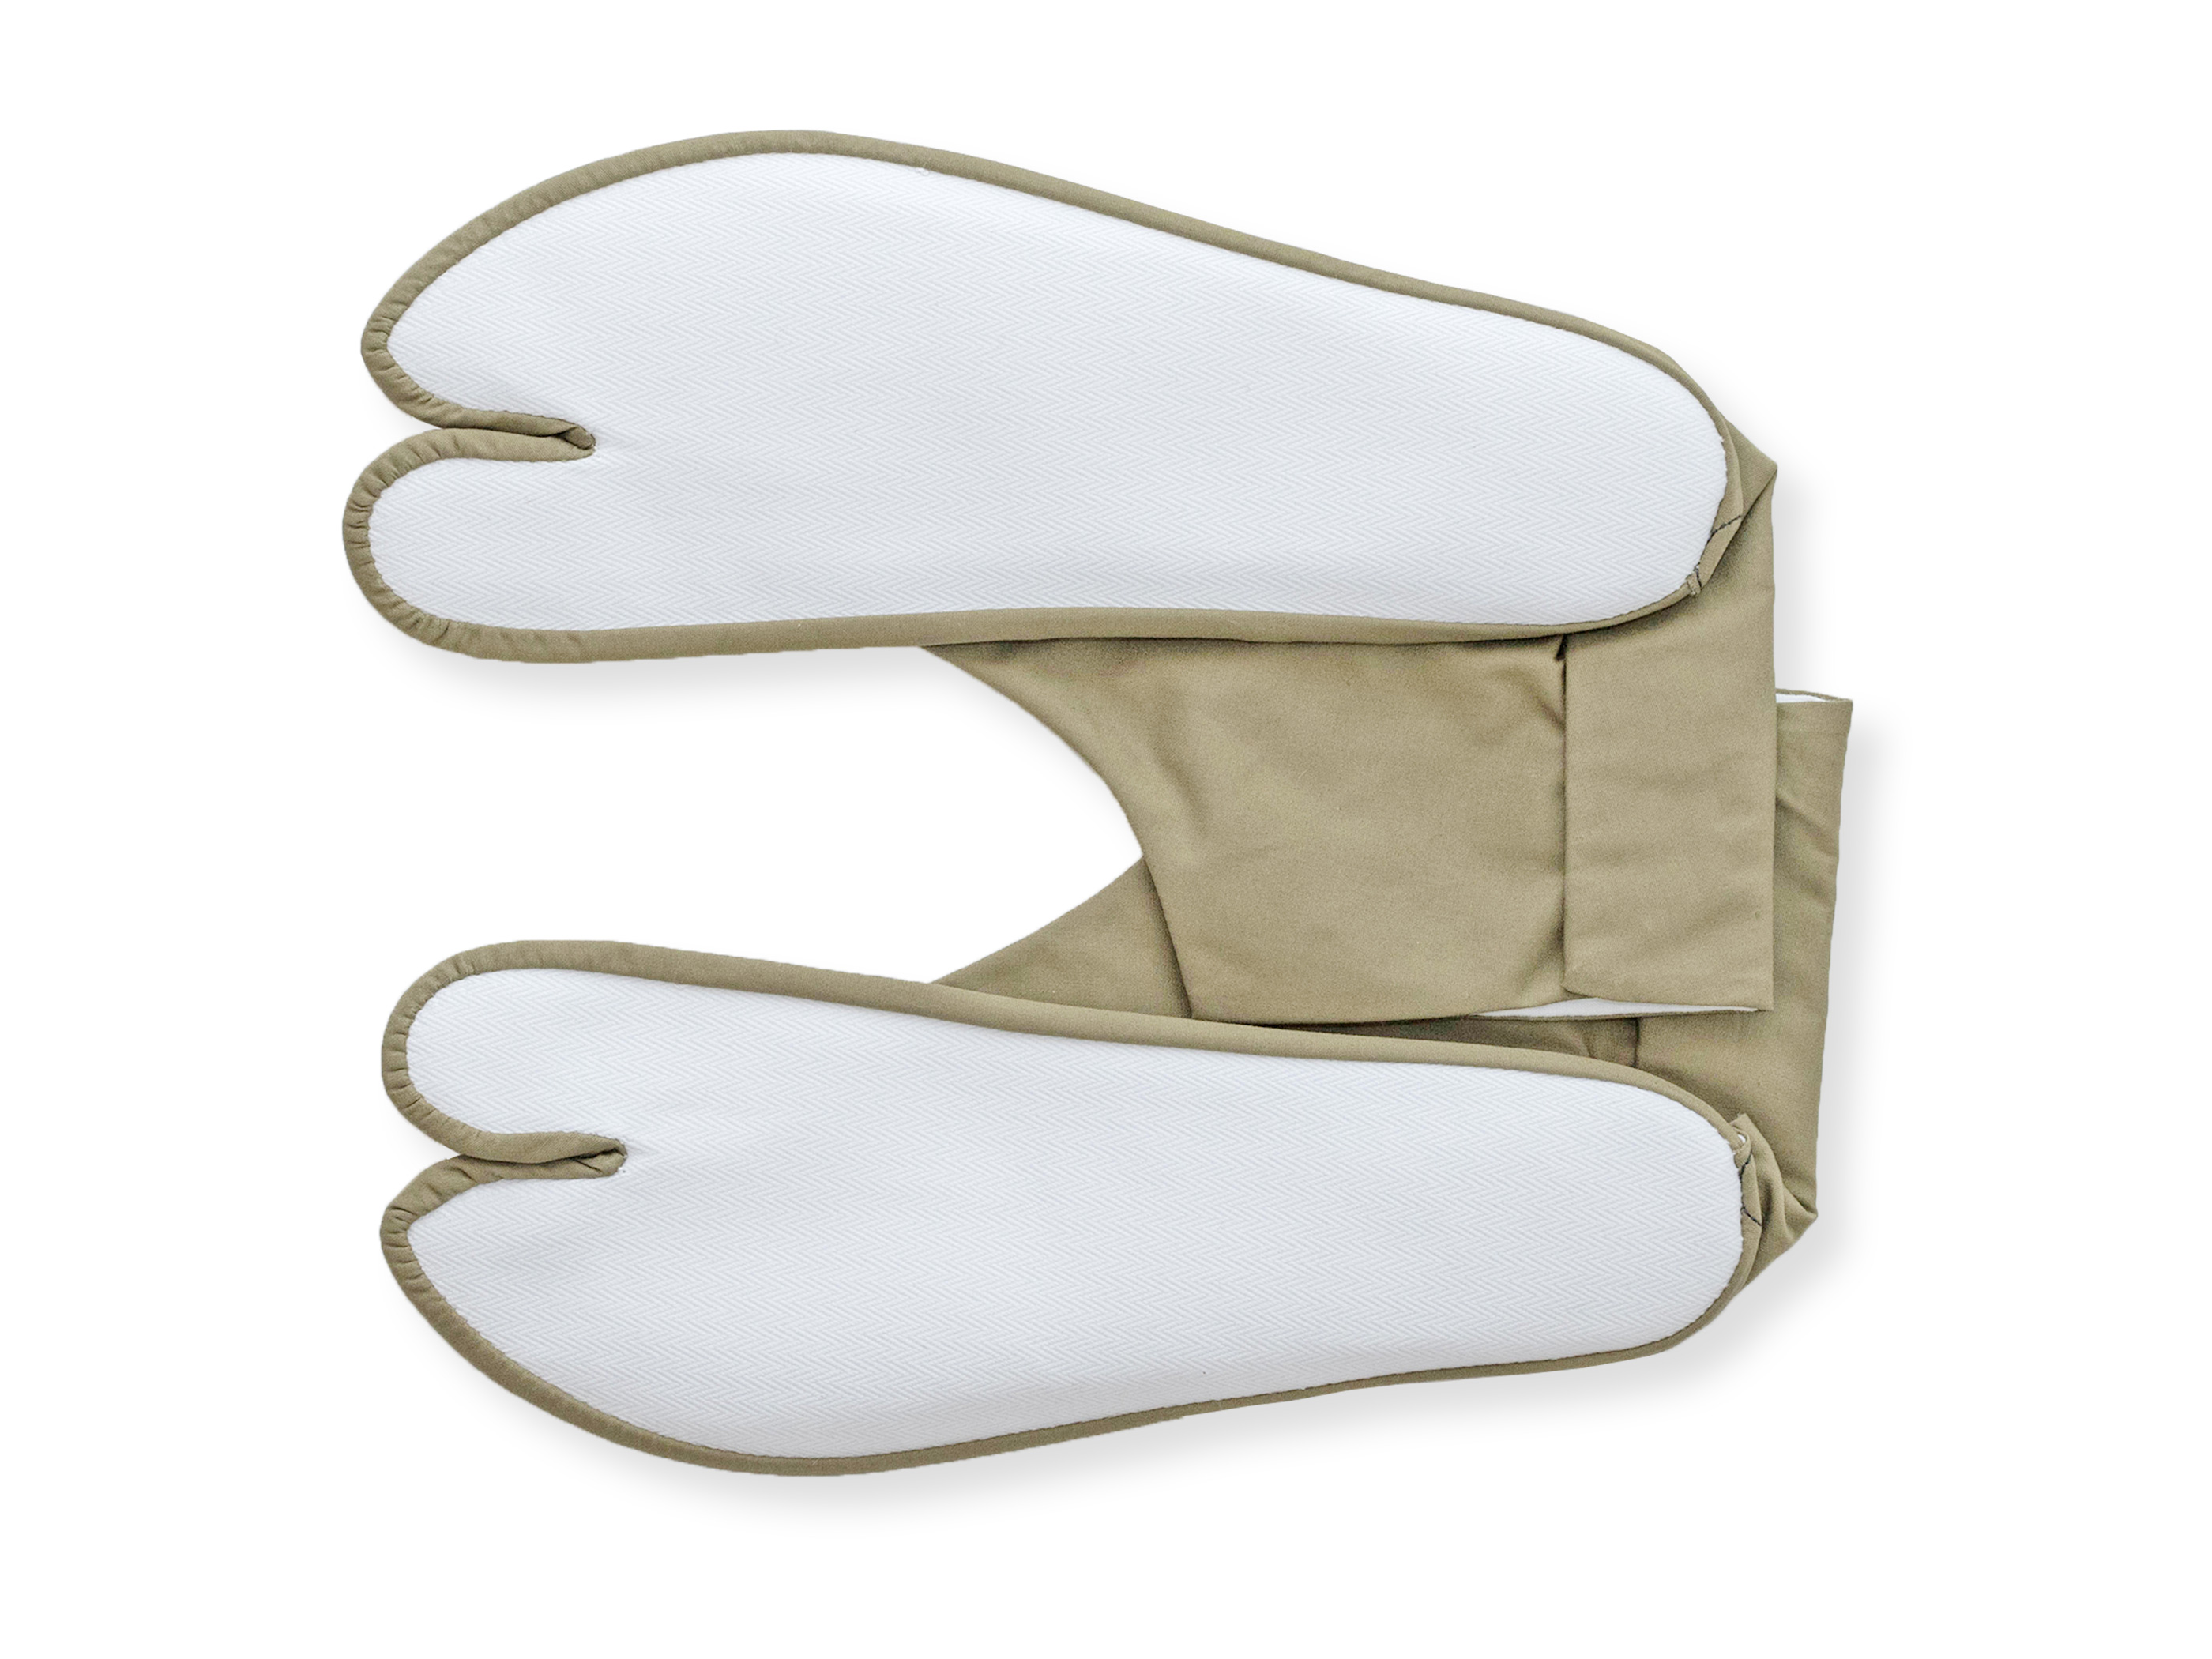 きねや足袋 4枚こはぜ 色木綿足袋 抹茶色